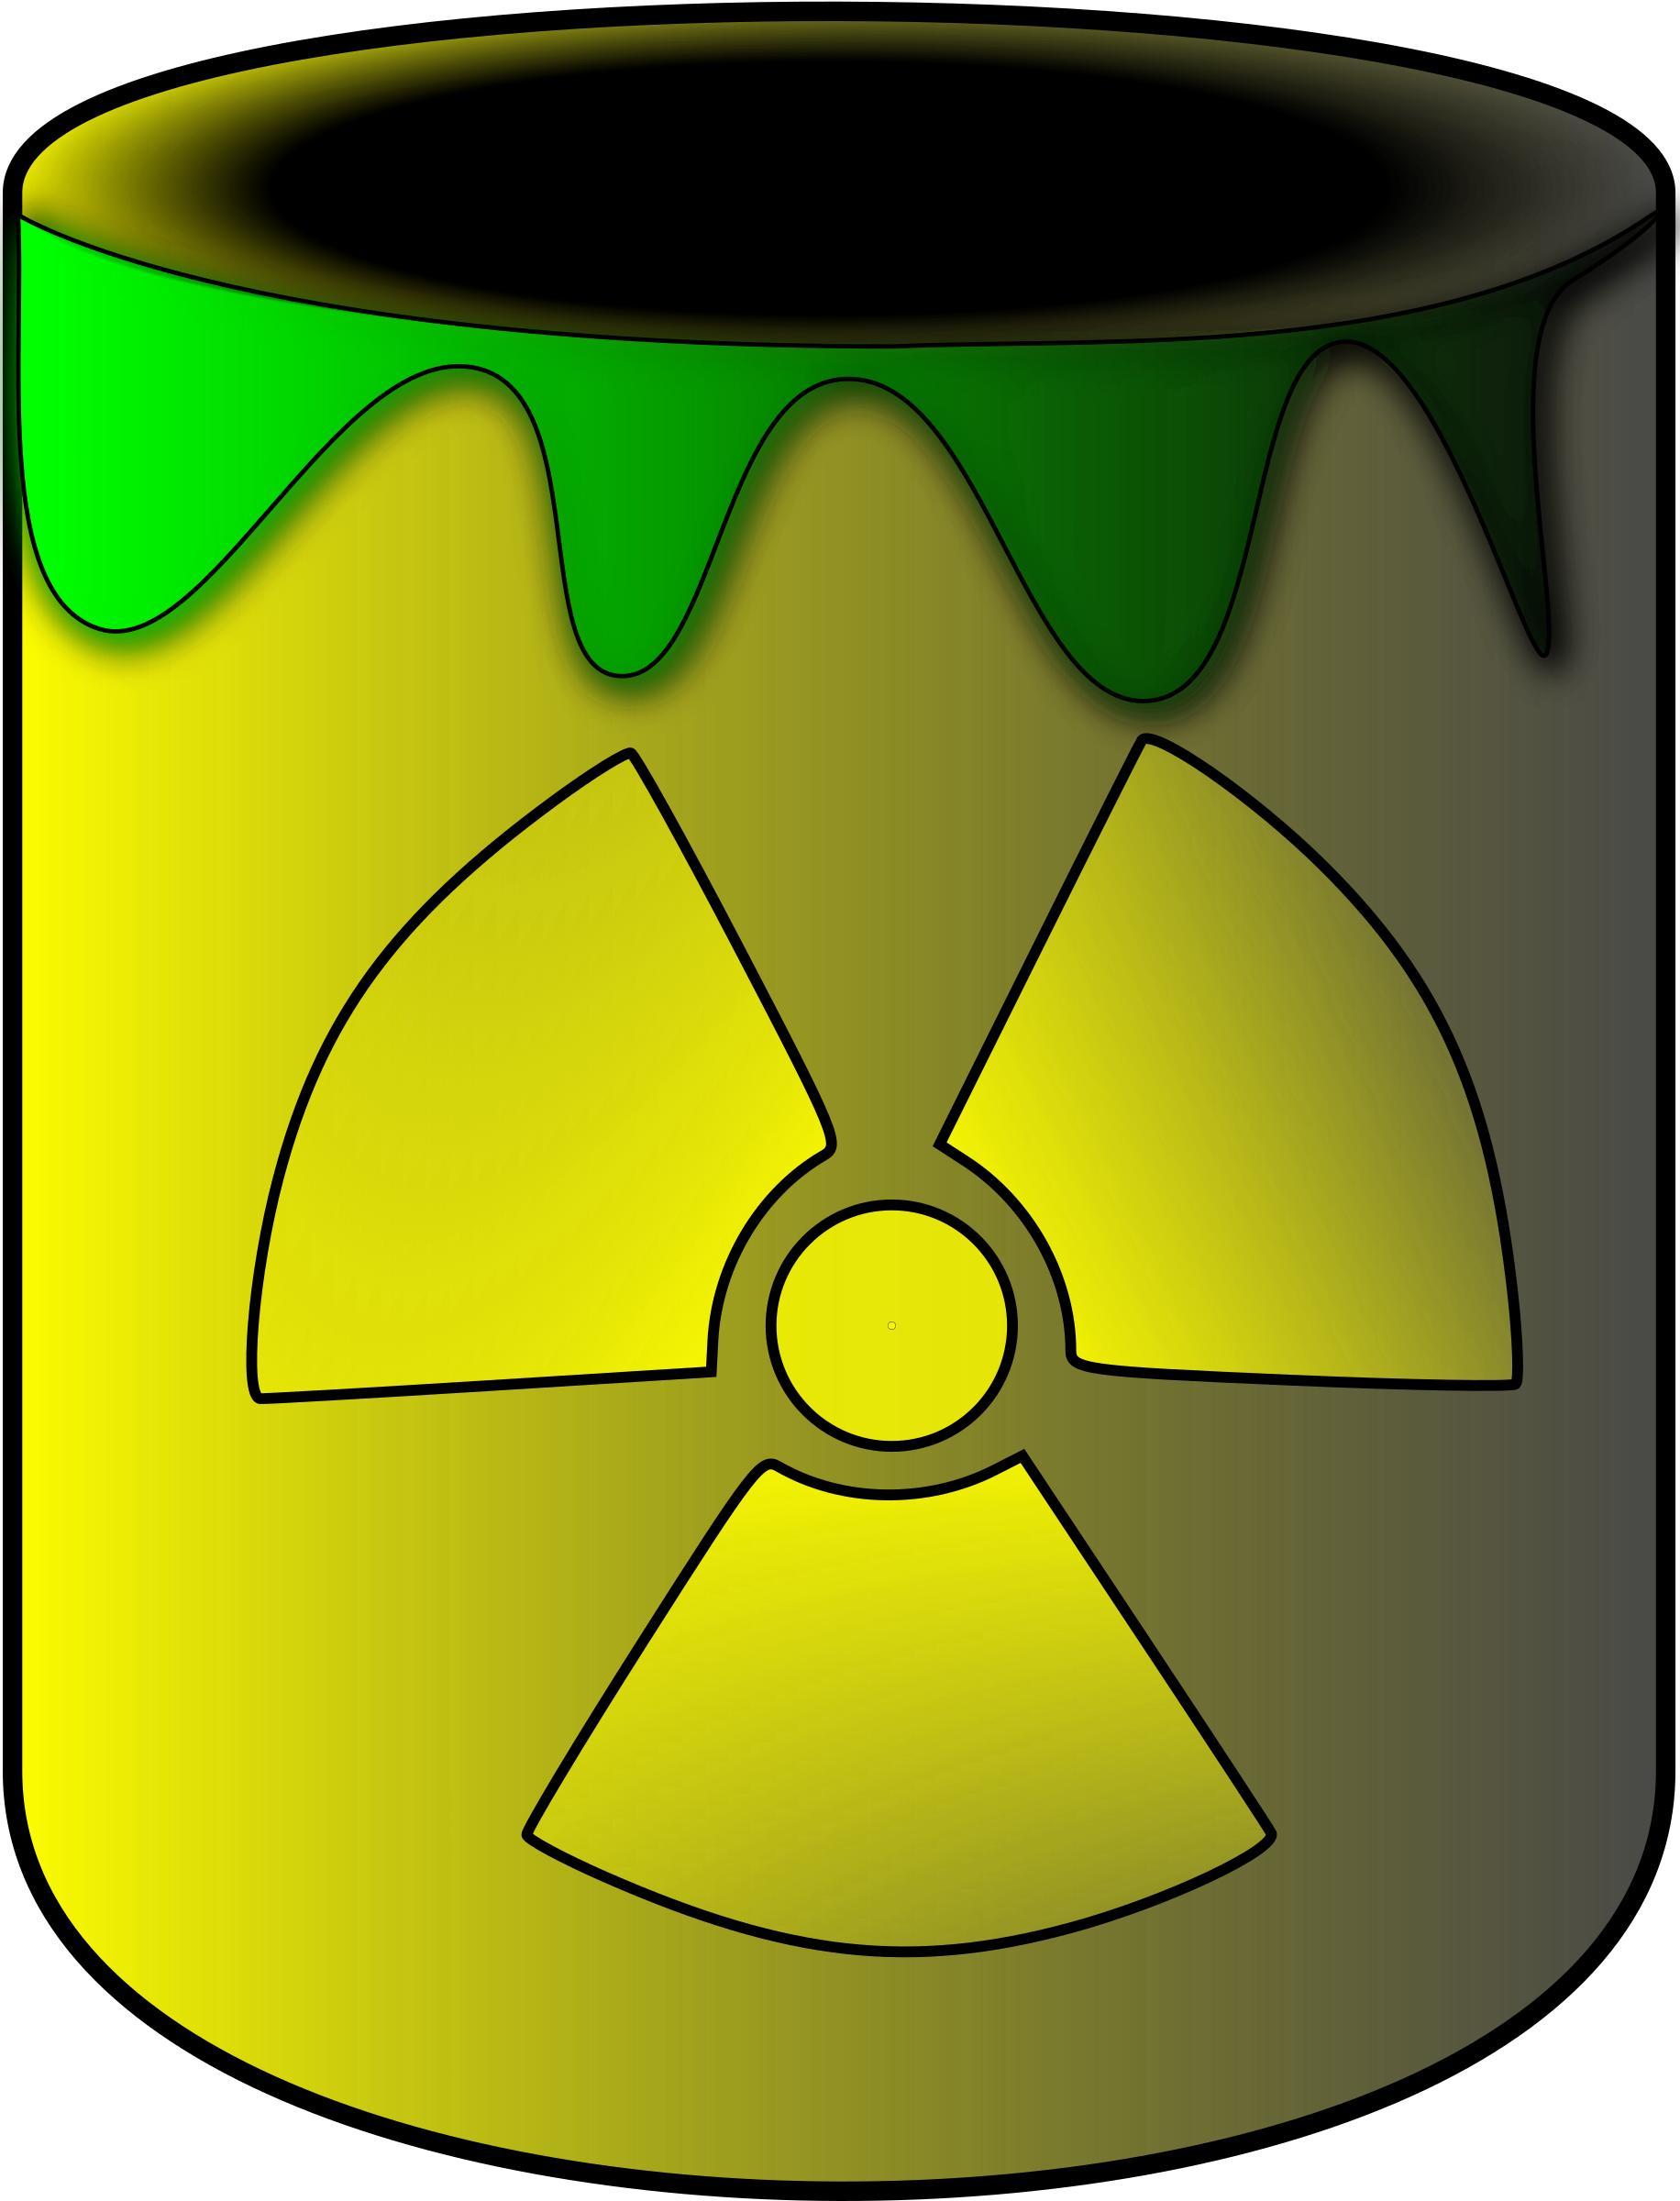 Barrel clipart toxic, Barrel toxic Transparent FREE for.